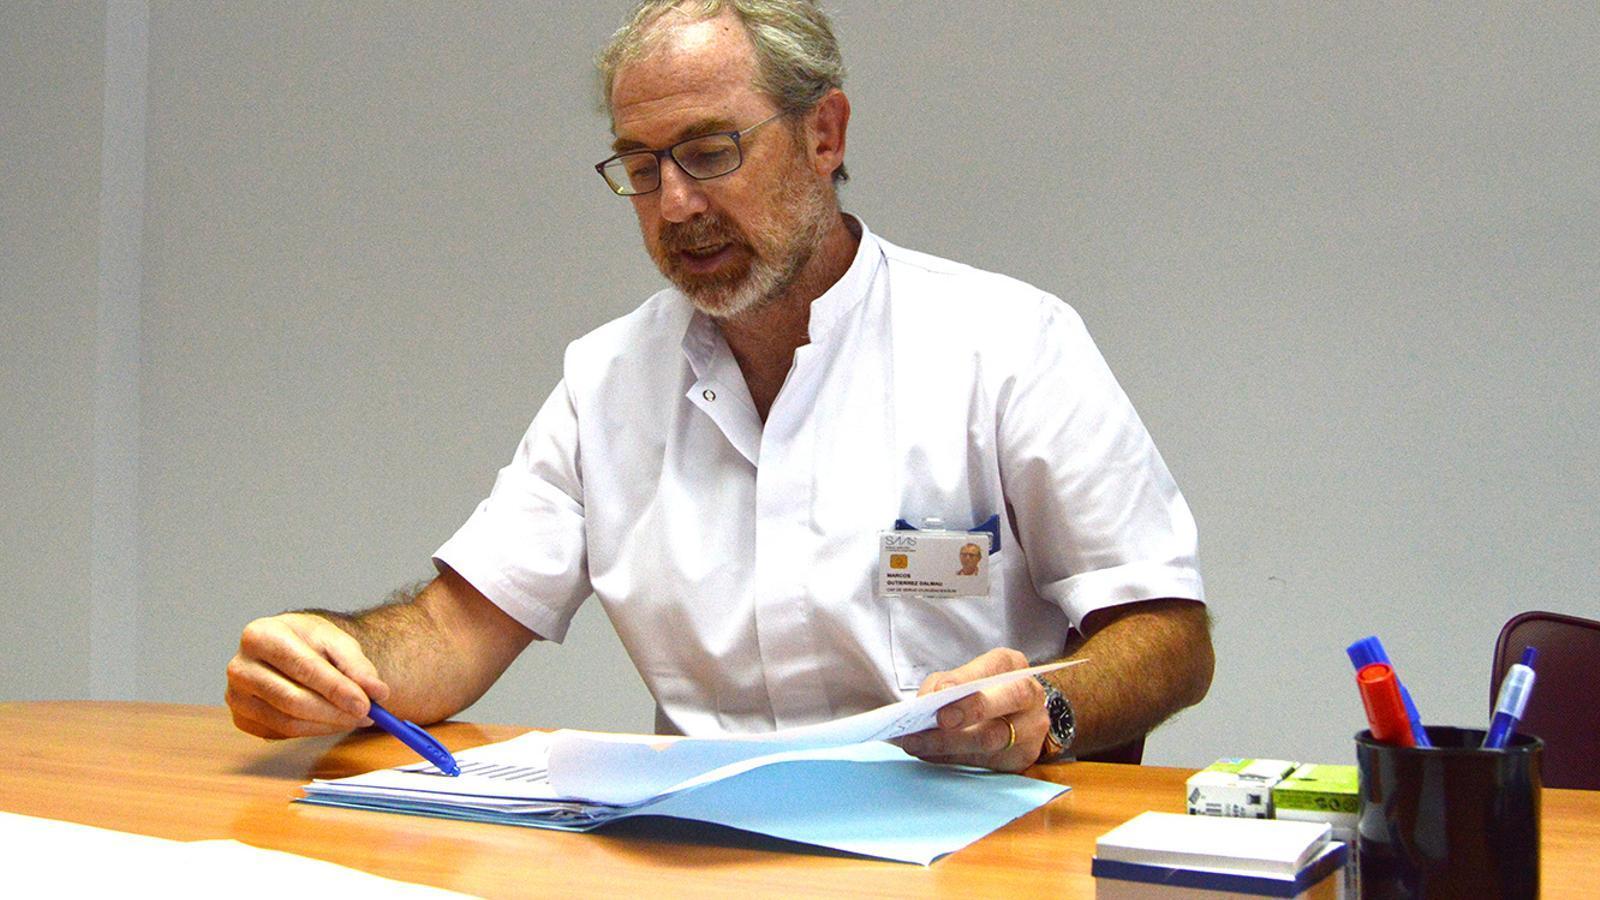 El cap d'Urgències de l'hospital Nostra Senyora de Meritxell, Marcos Gutiérrez. / M. F. (ANA)